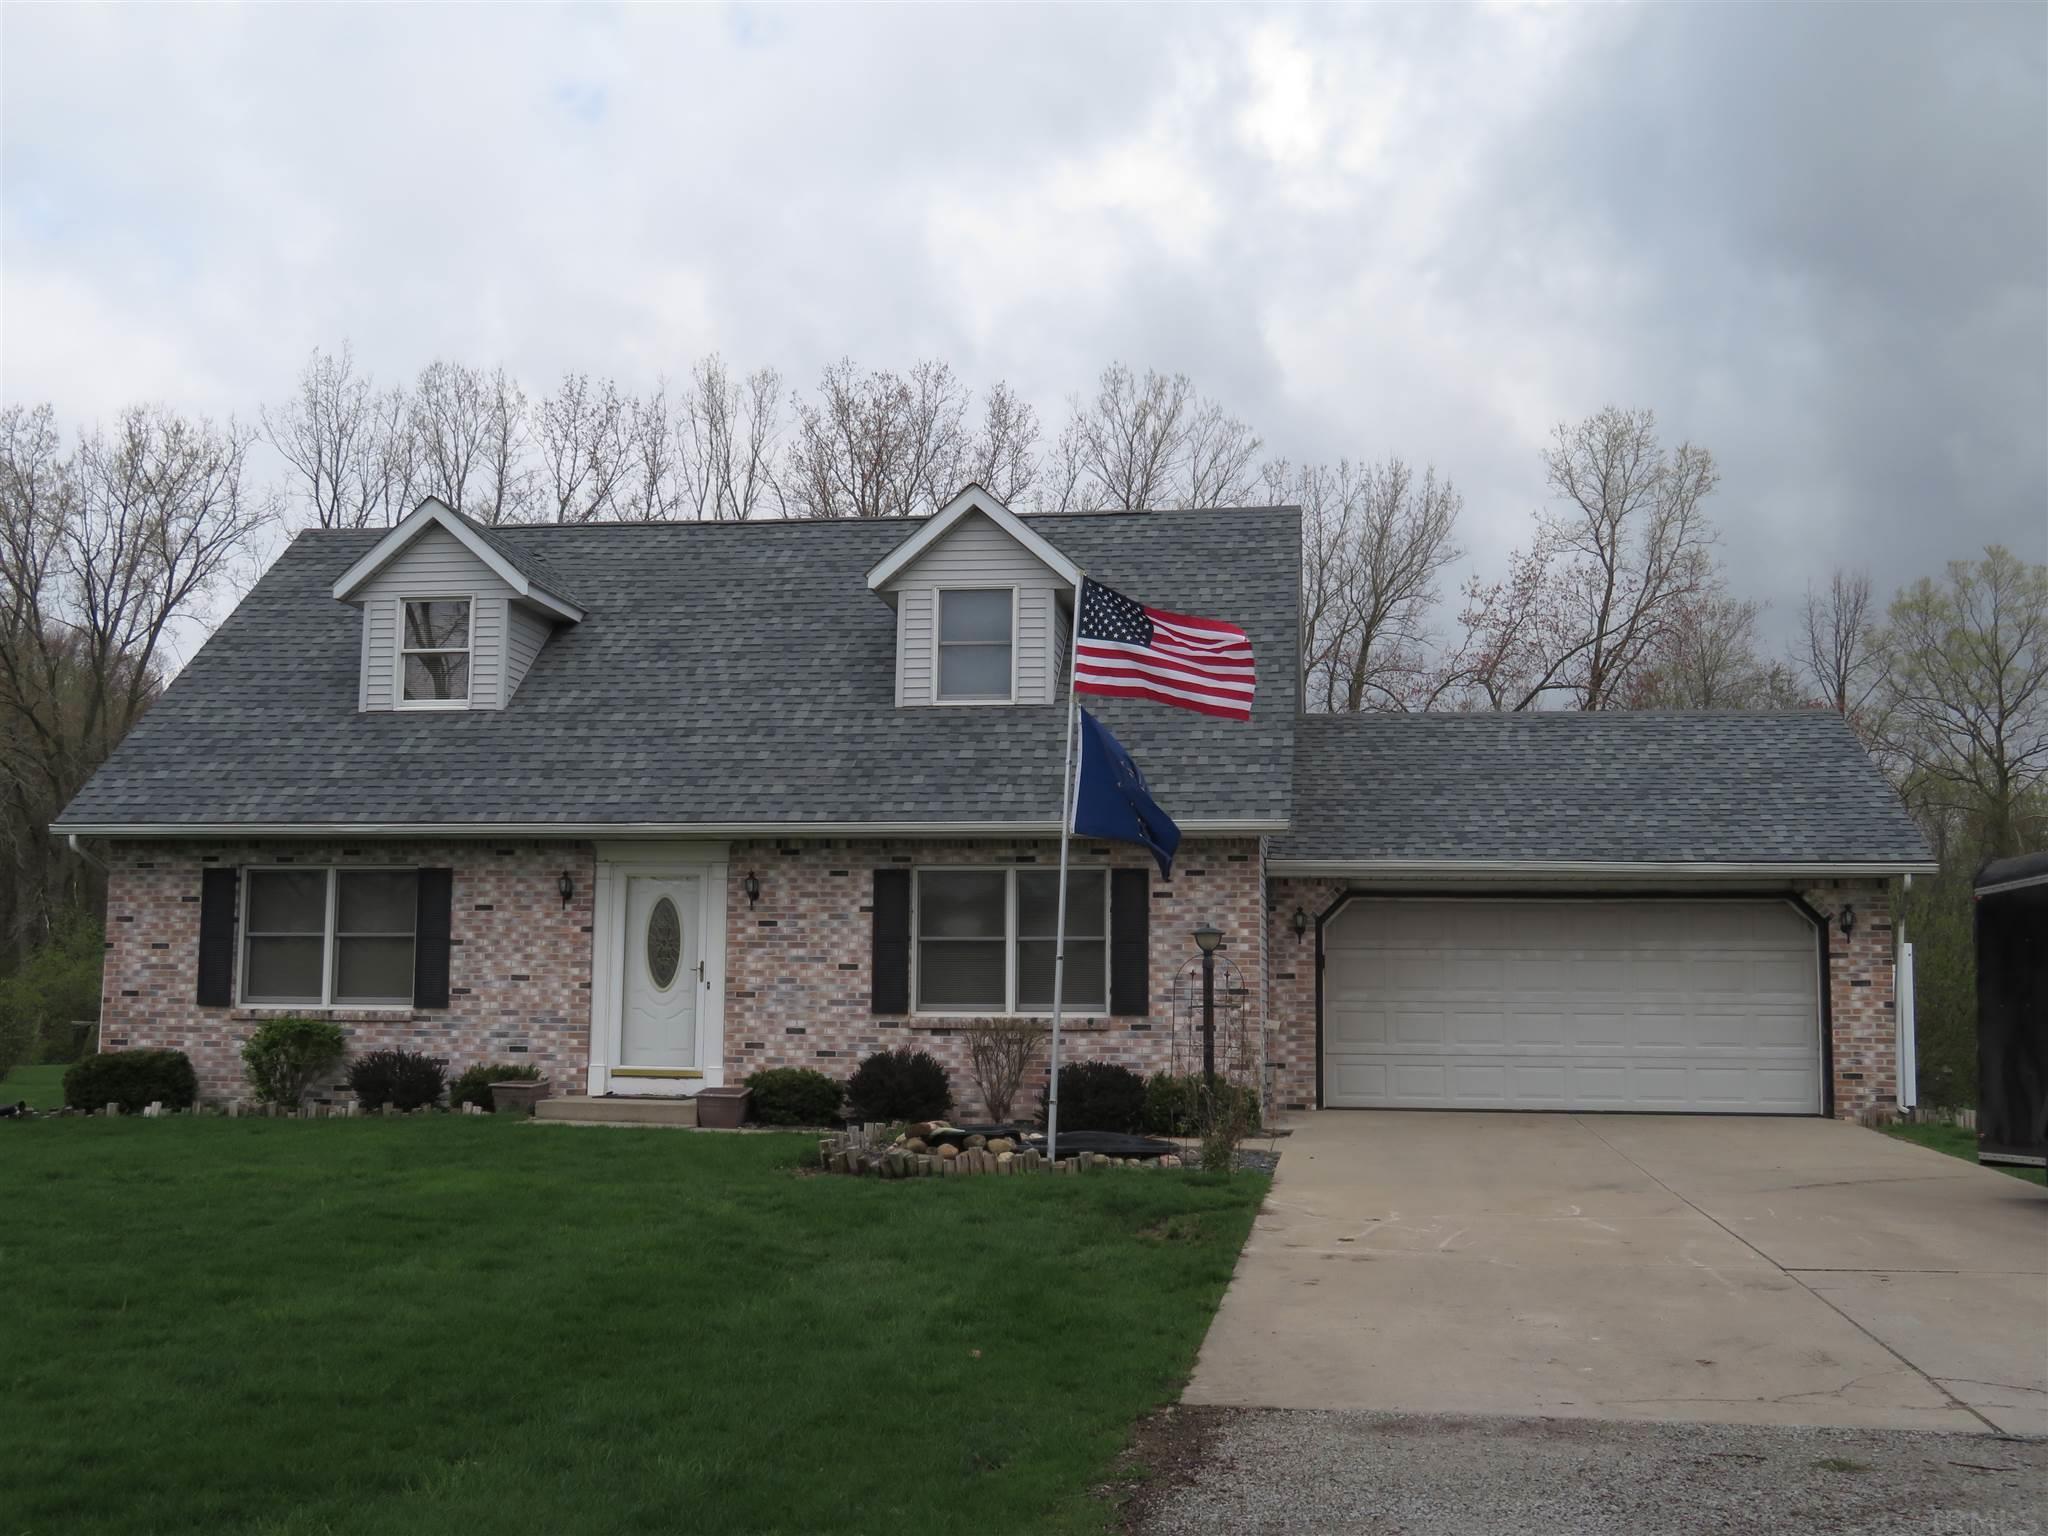 15091 County Road 44 Millersburg, IN 46543